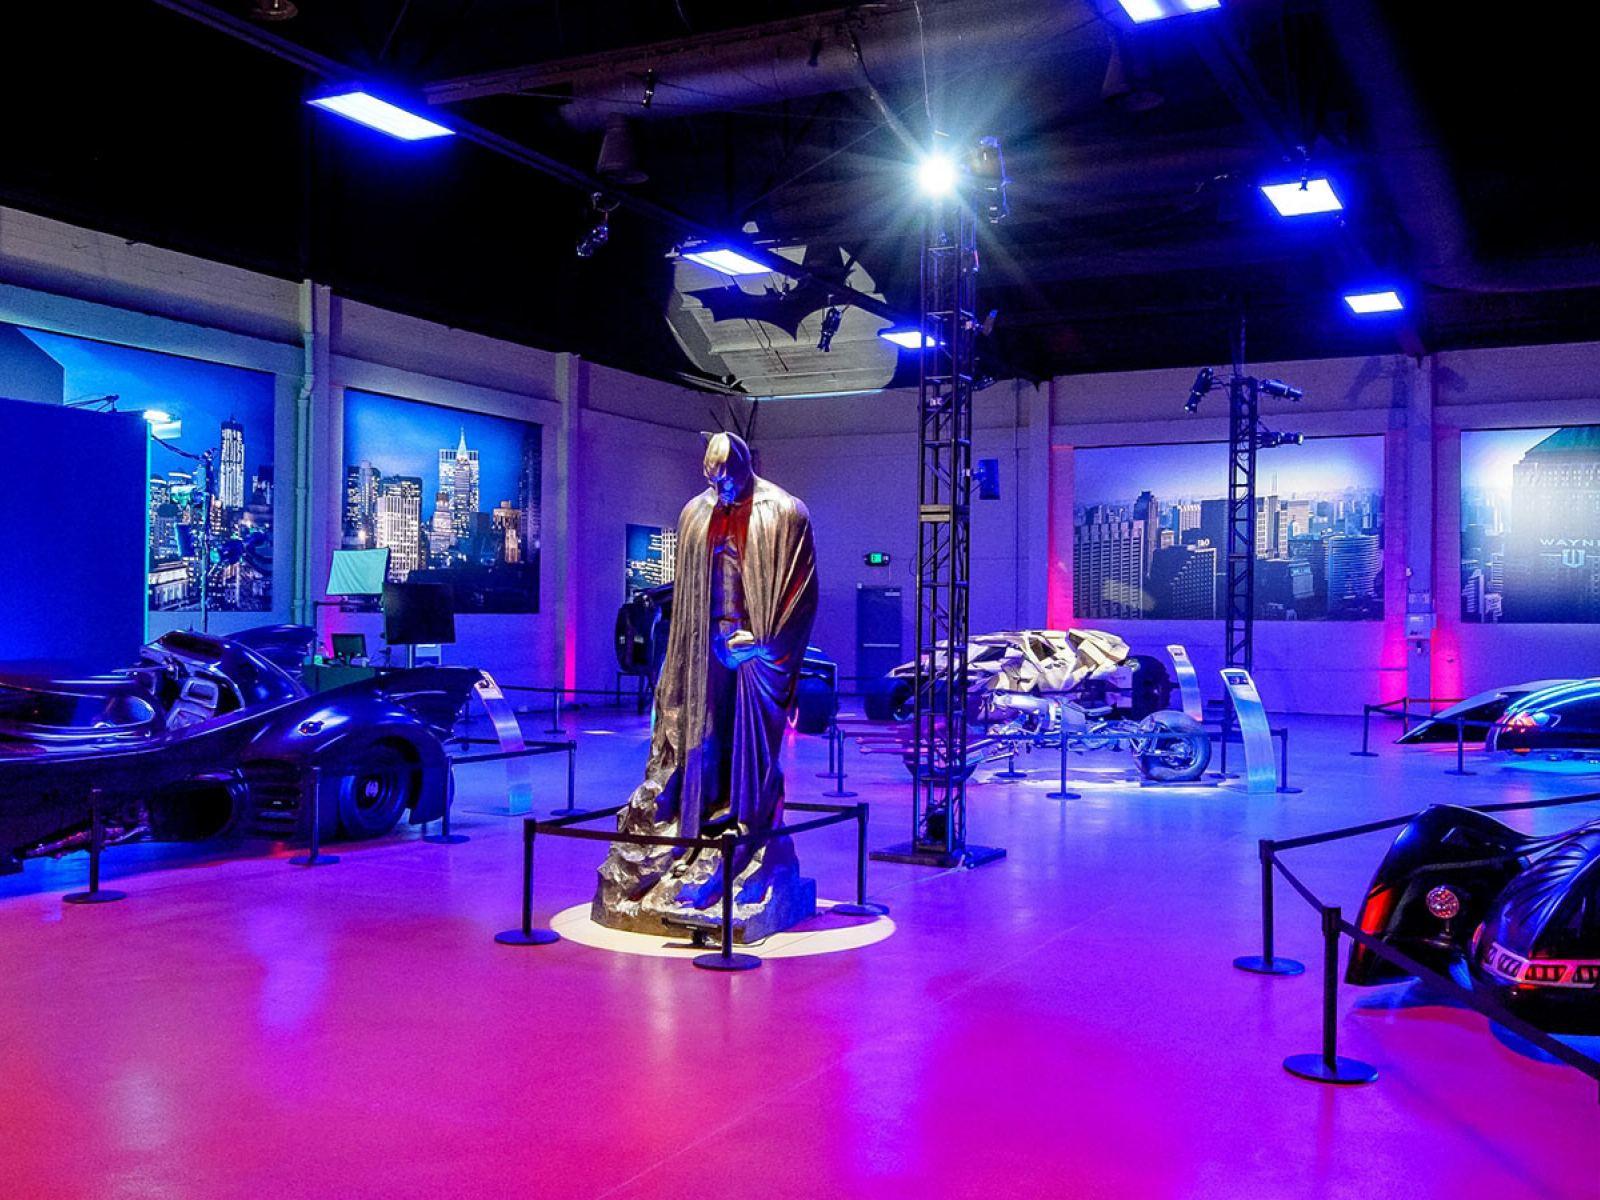 Batmobiles at Warner Bros. Studio Tour Hollywood